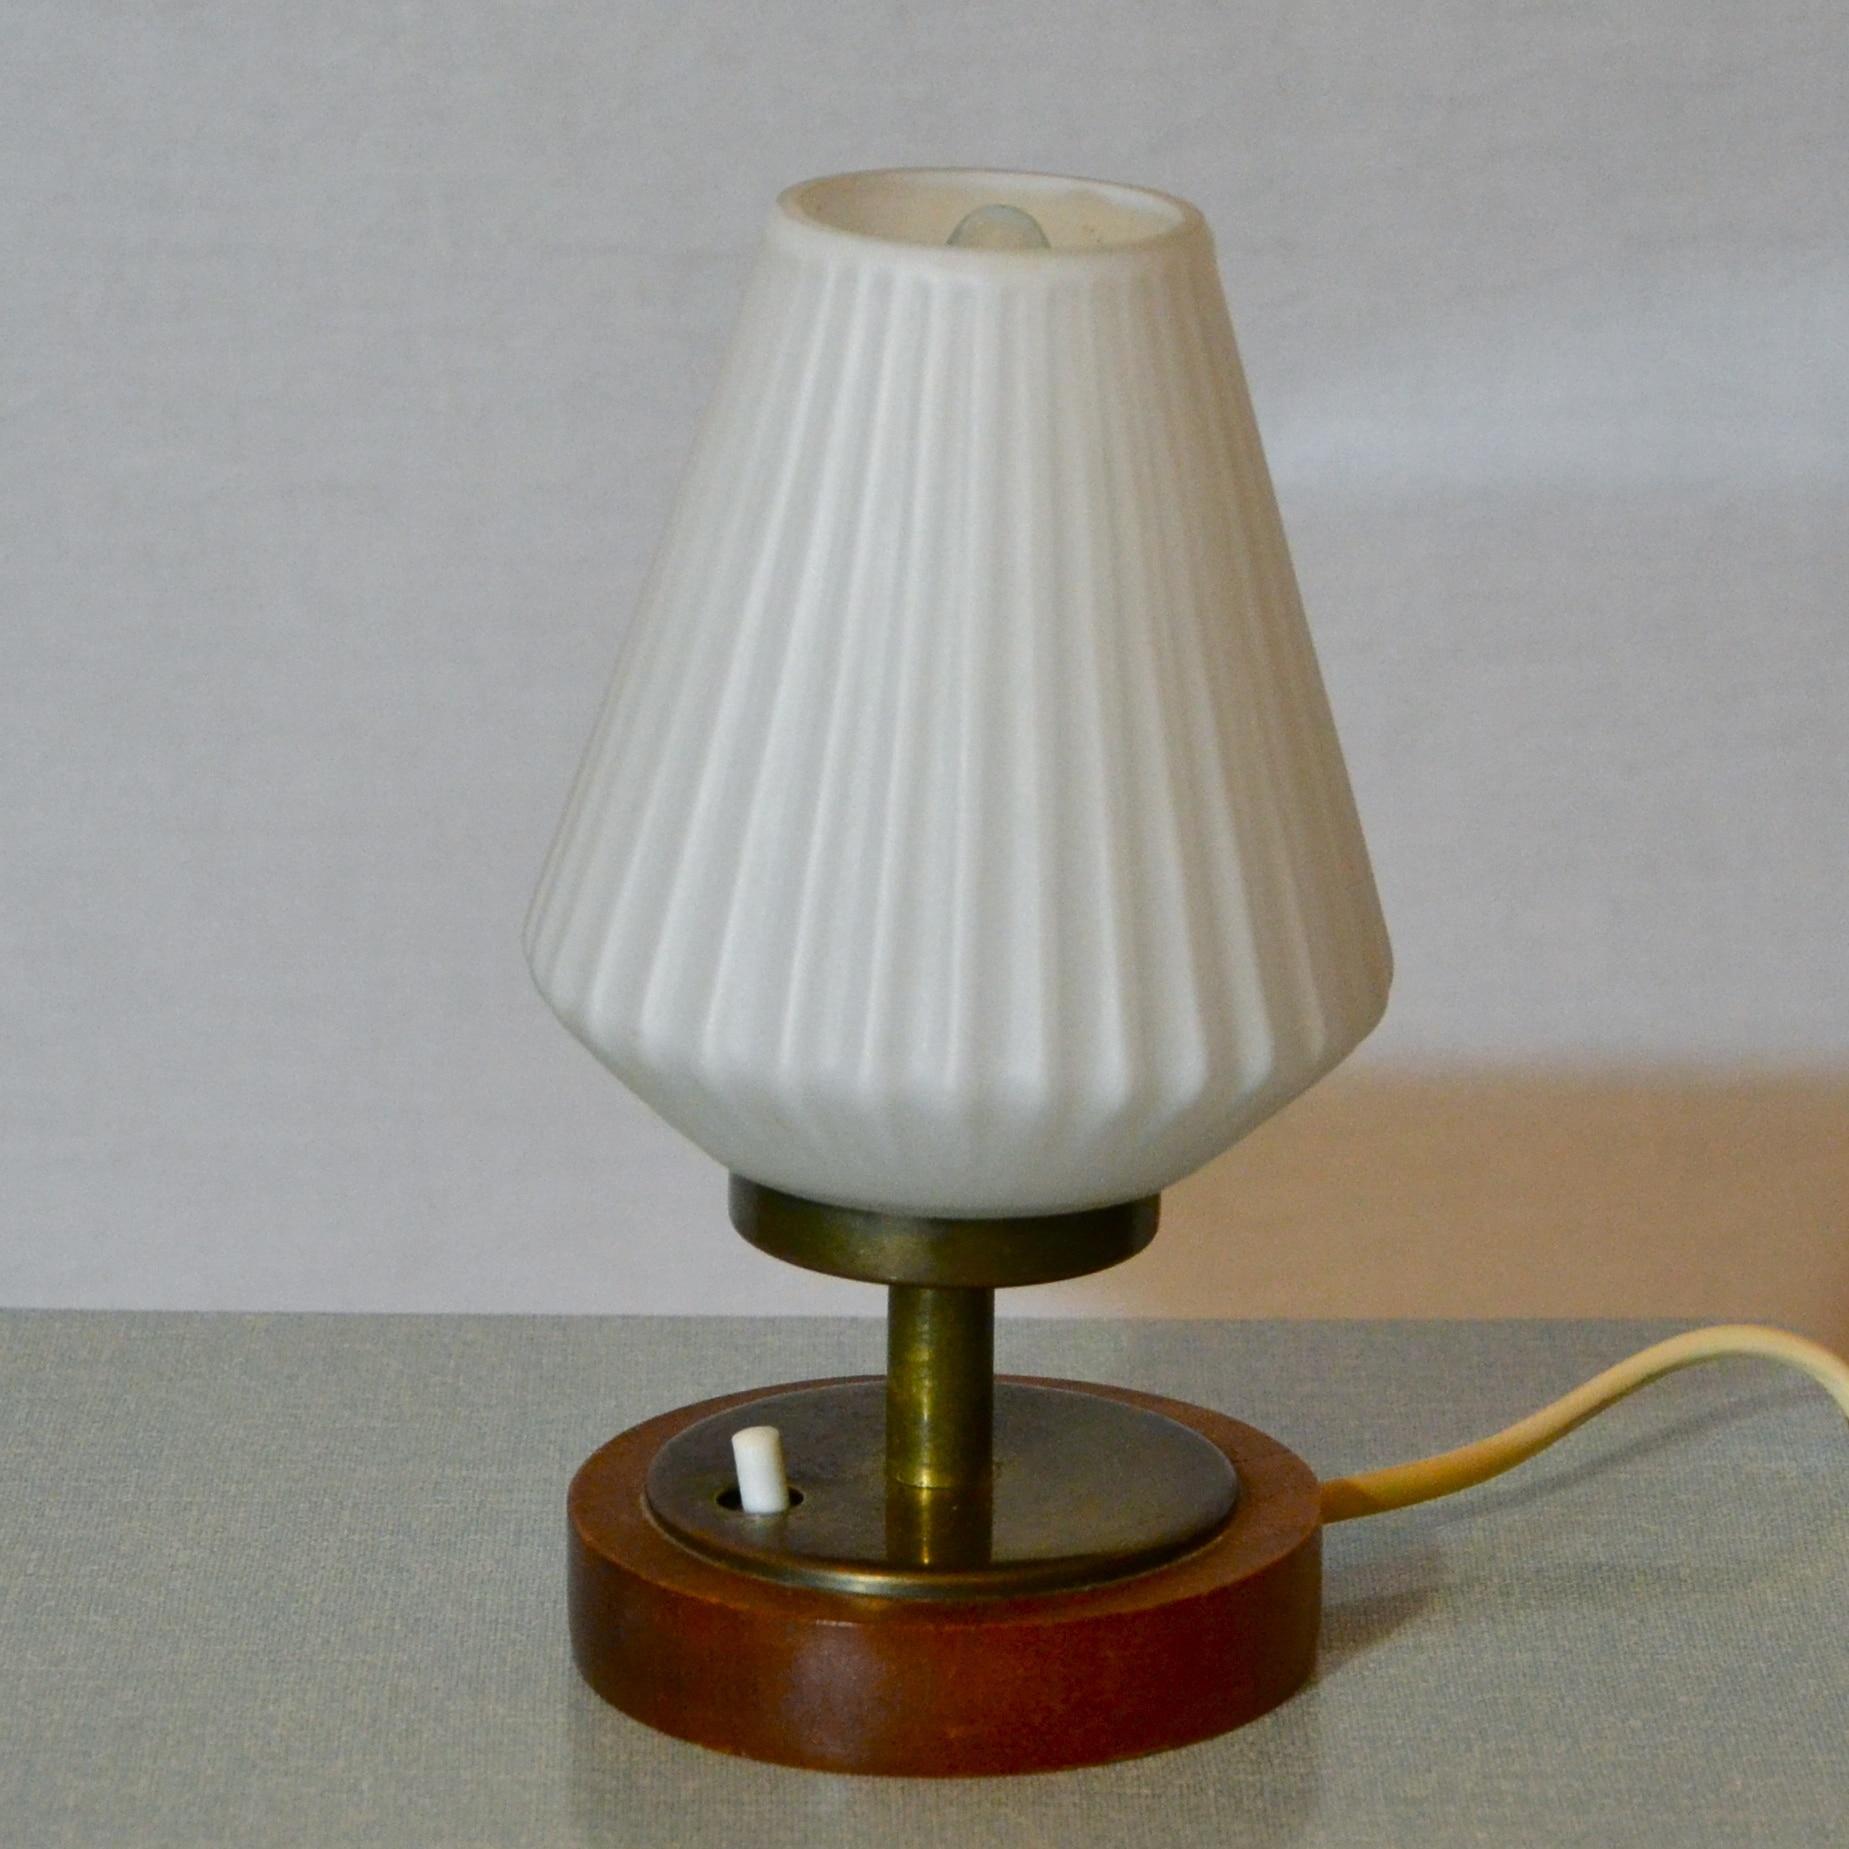 Petite lampe de chevet bindies for Petite lampe de chevet